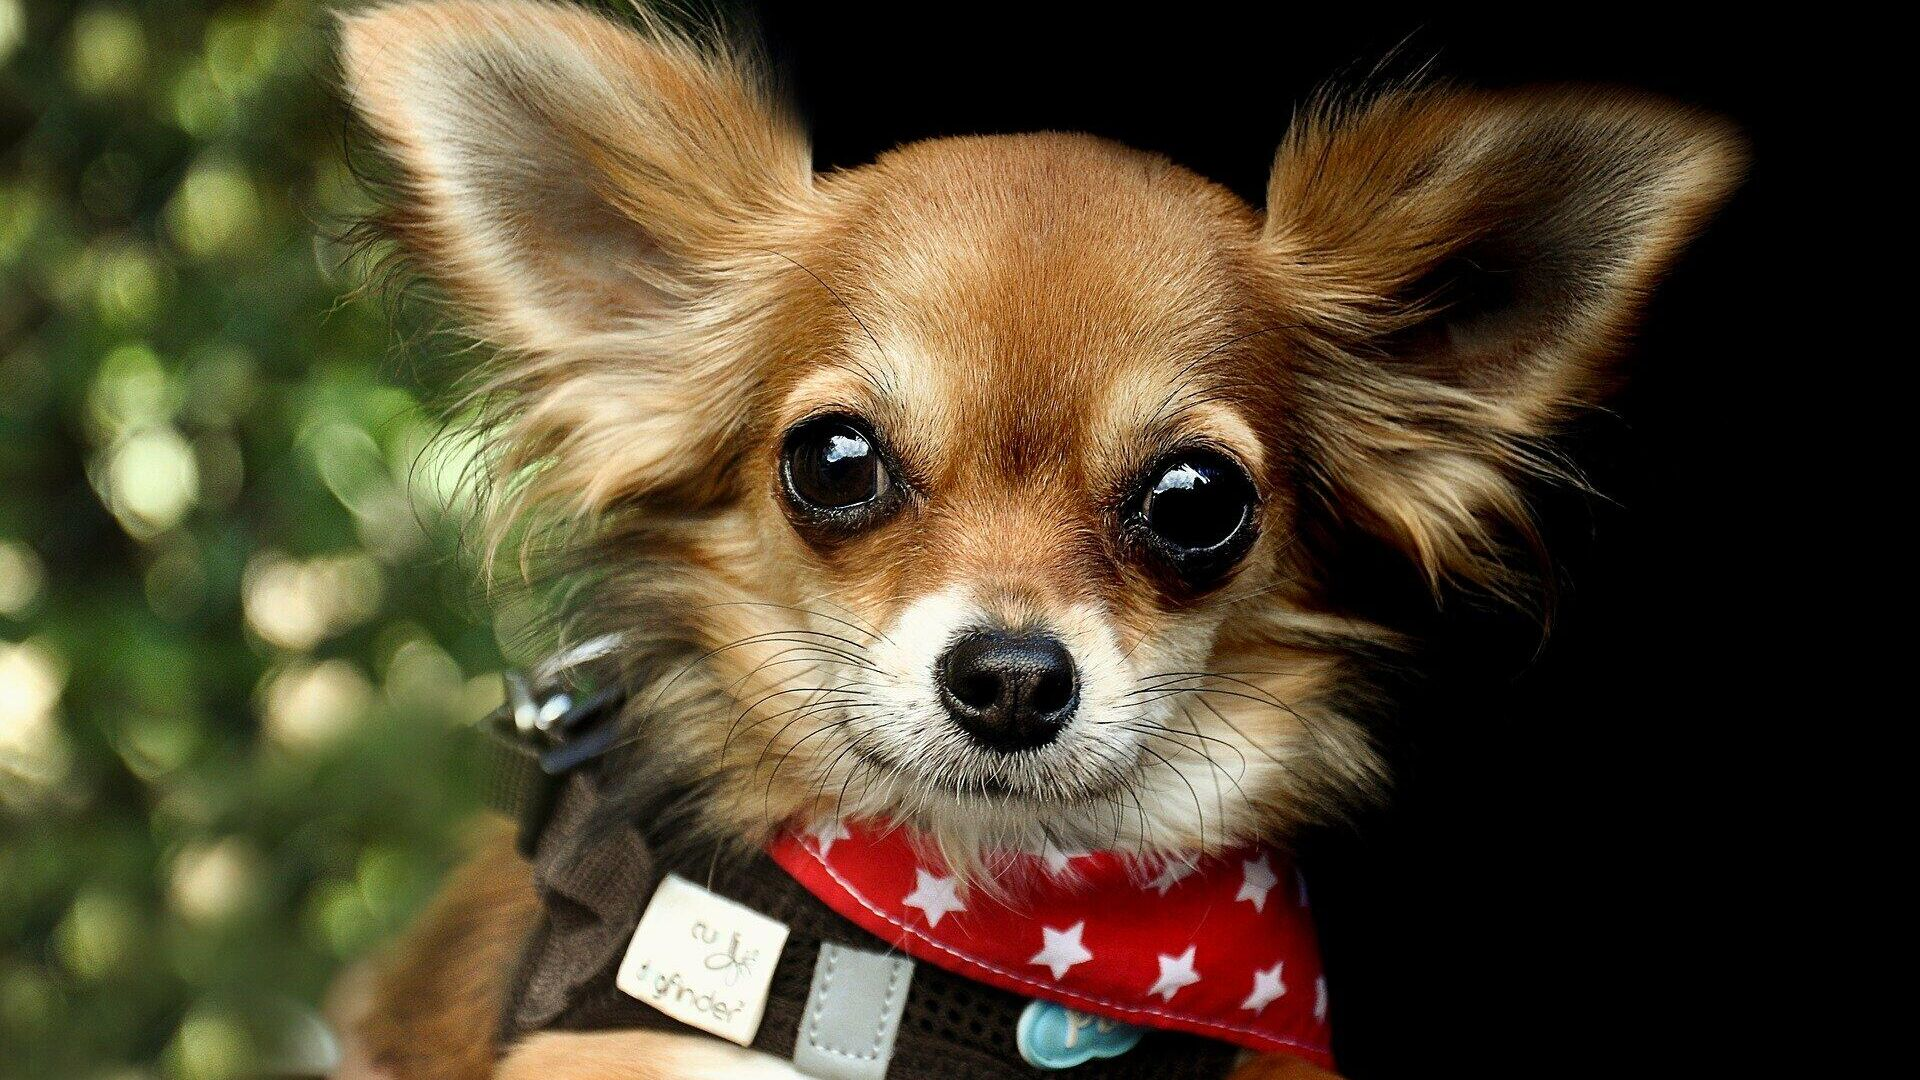 Un perro chihuahua - Sputnik Mundo, 1920, 06.03.2021